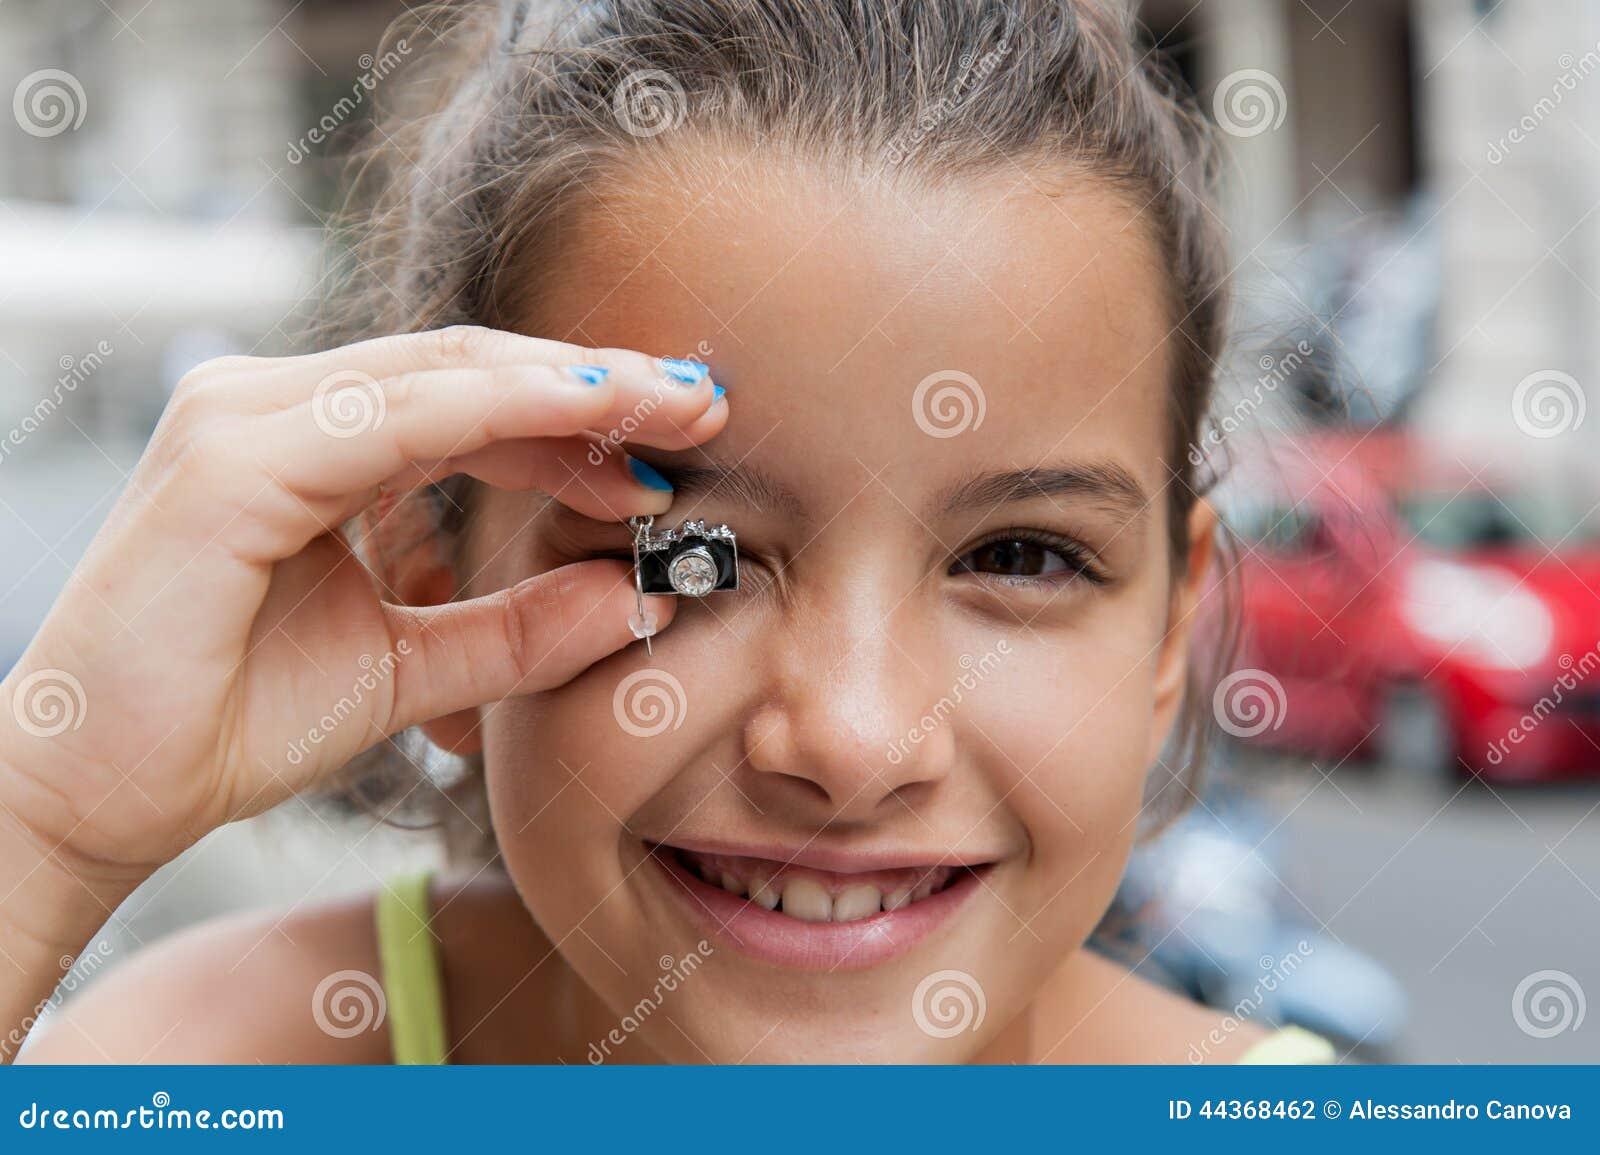 La bambina mostra il riflesso dell orecchino